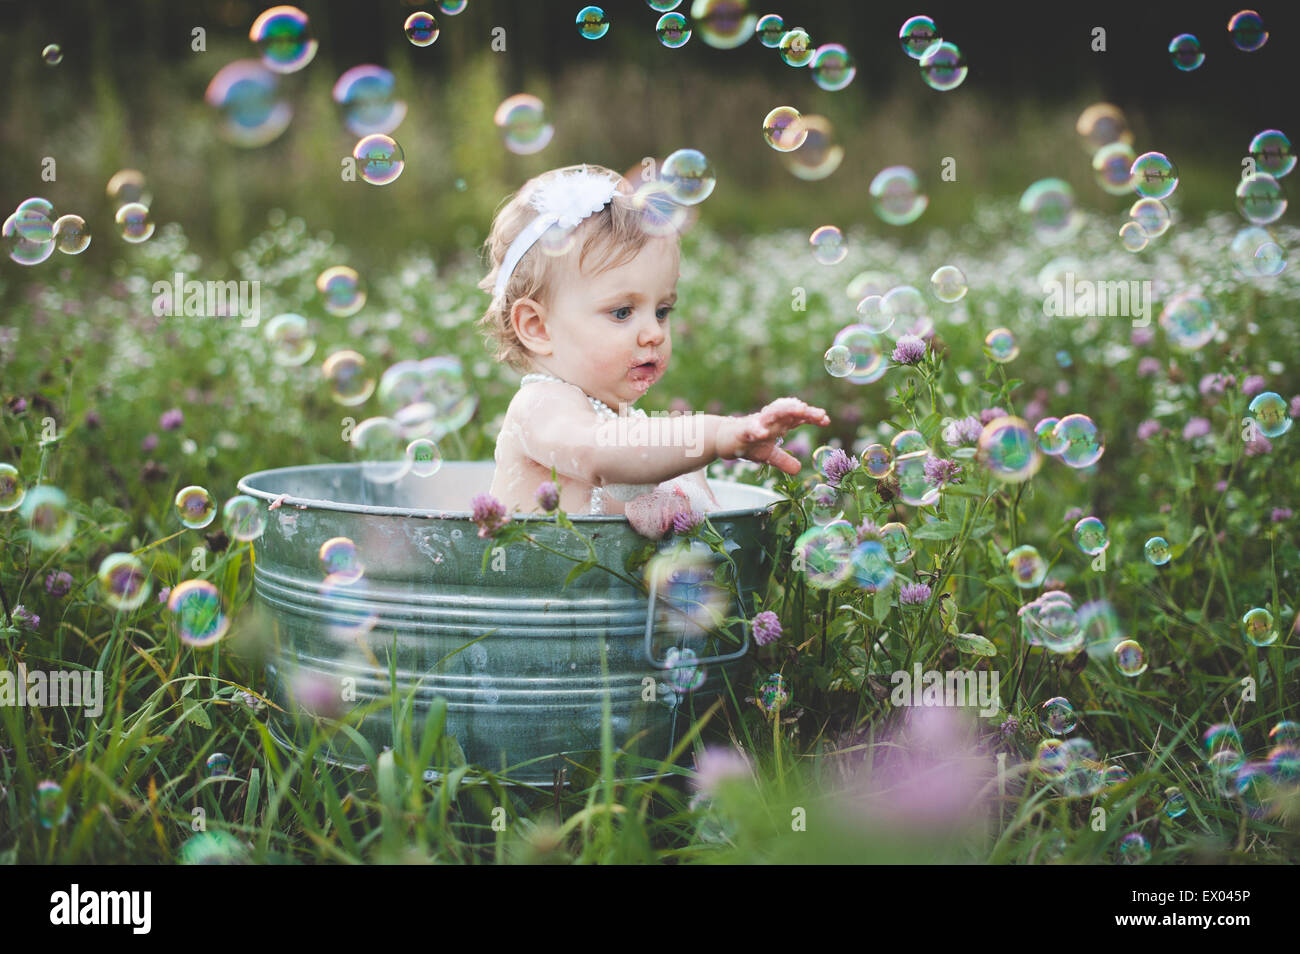 Baby girl nella vasca da bagno di stagno in prato raggiungendo per bolle galleggianti Immagini Stock